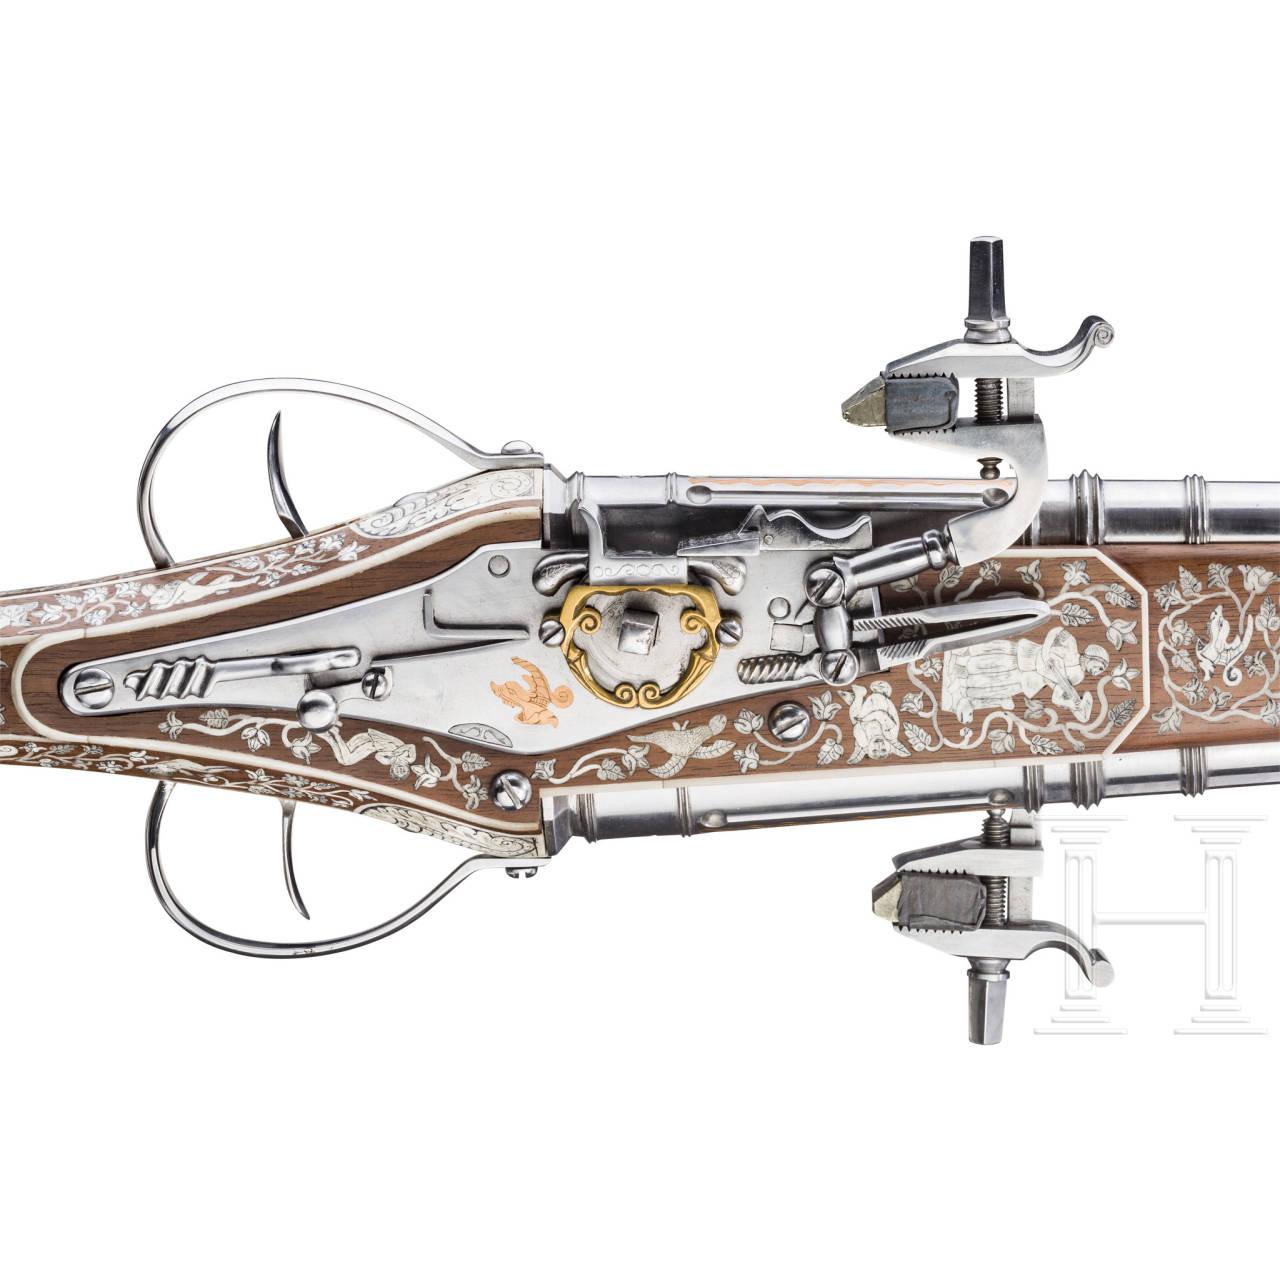 Doppelläufige, lange Radschloss-Wendepistole, Sammleranfertigung im Stil um 1600